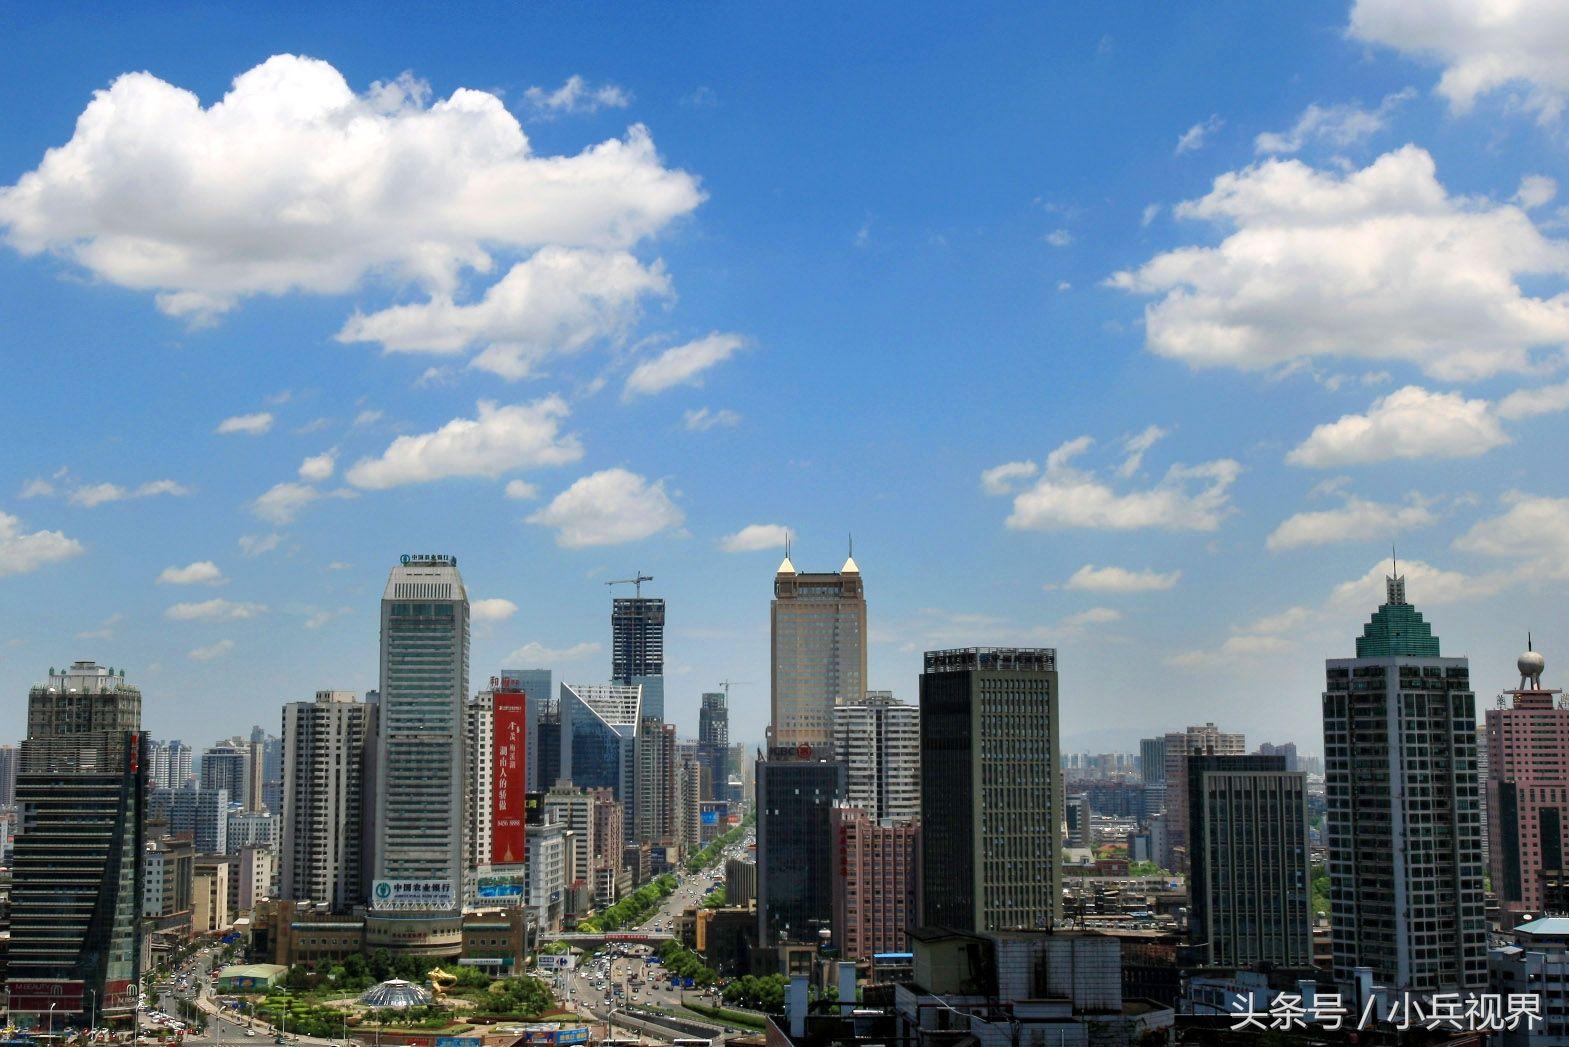 长沙,你忽略的风景,这个城市的天空不比云南,西藏差